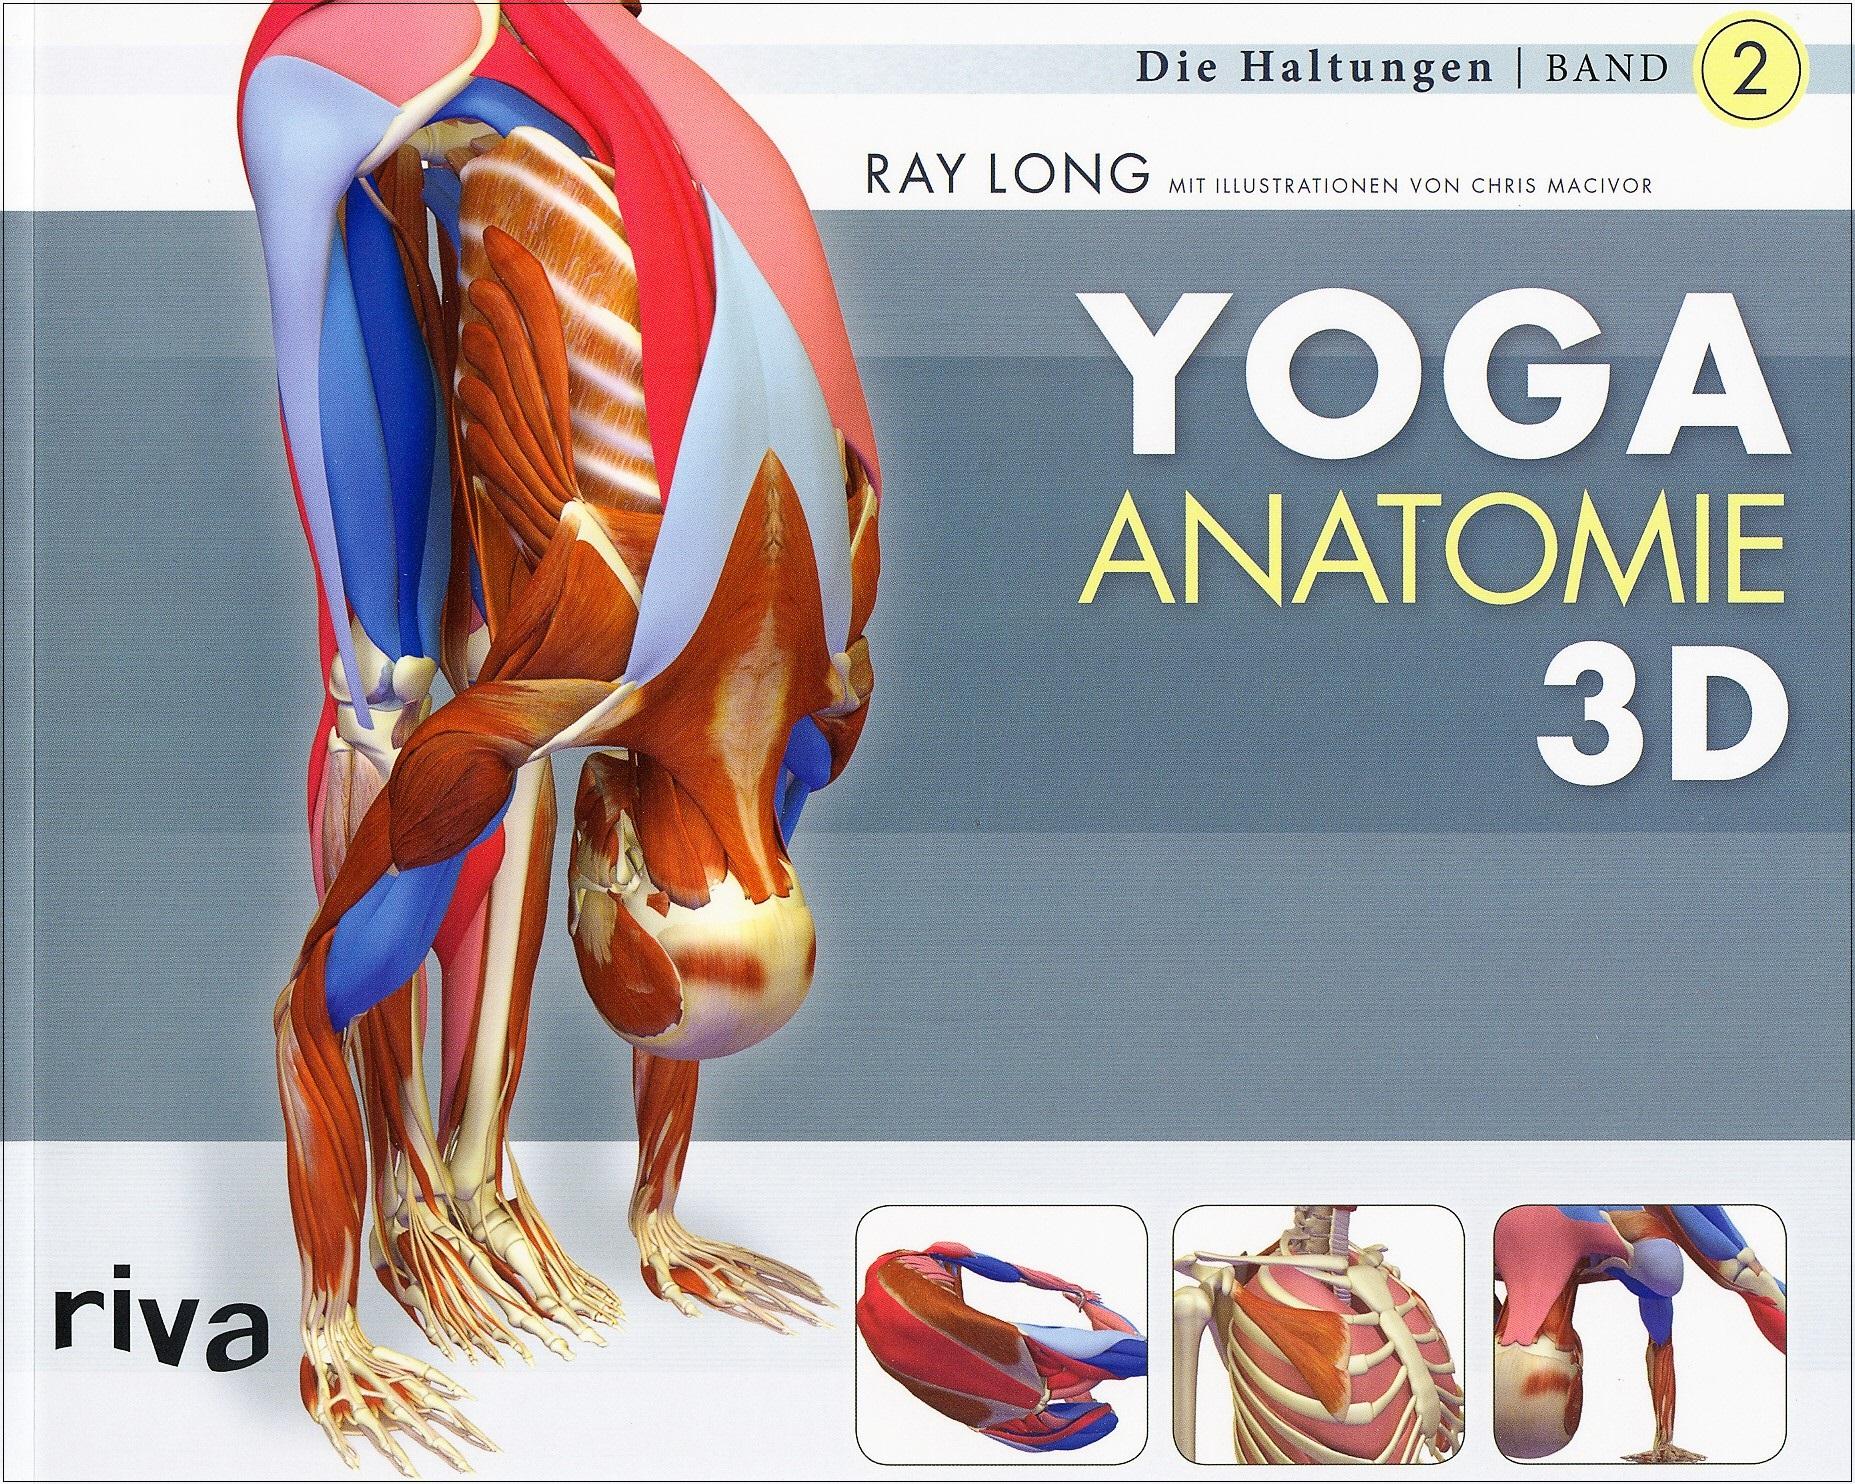 Yoga Anatomie 3D - Die Haltungen   Yoga   Buchempfehlungen für ...